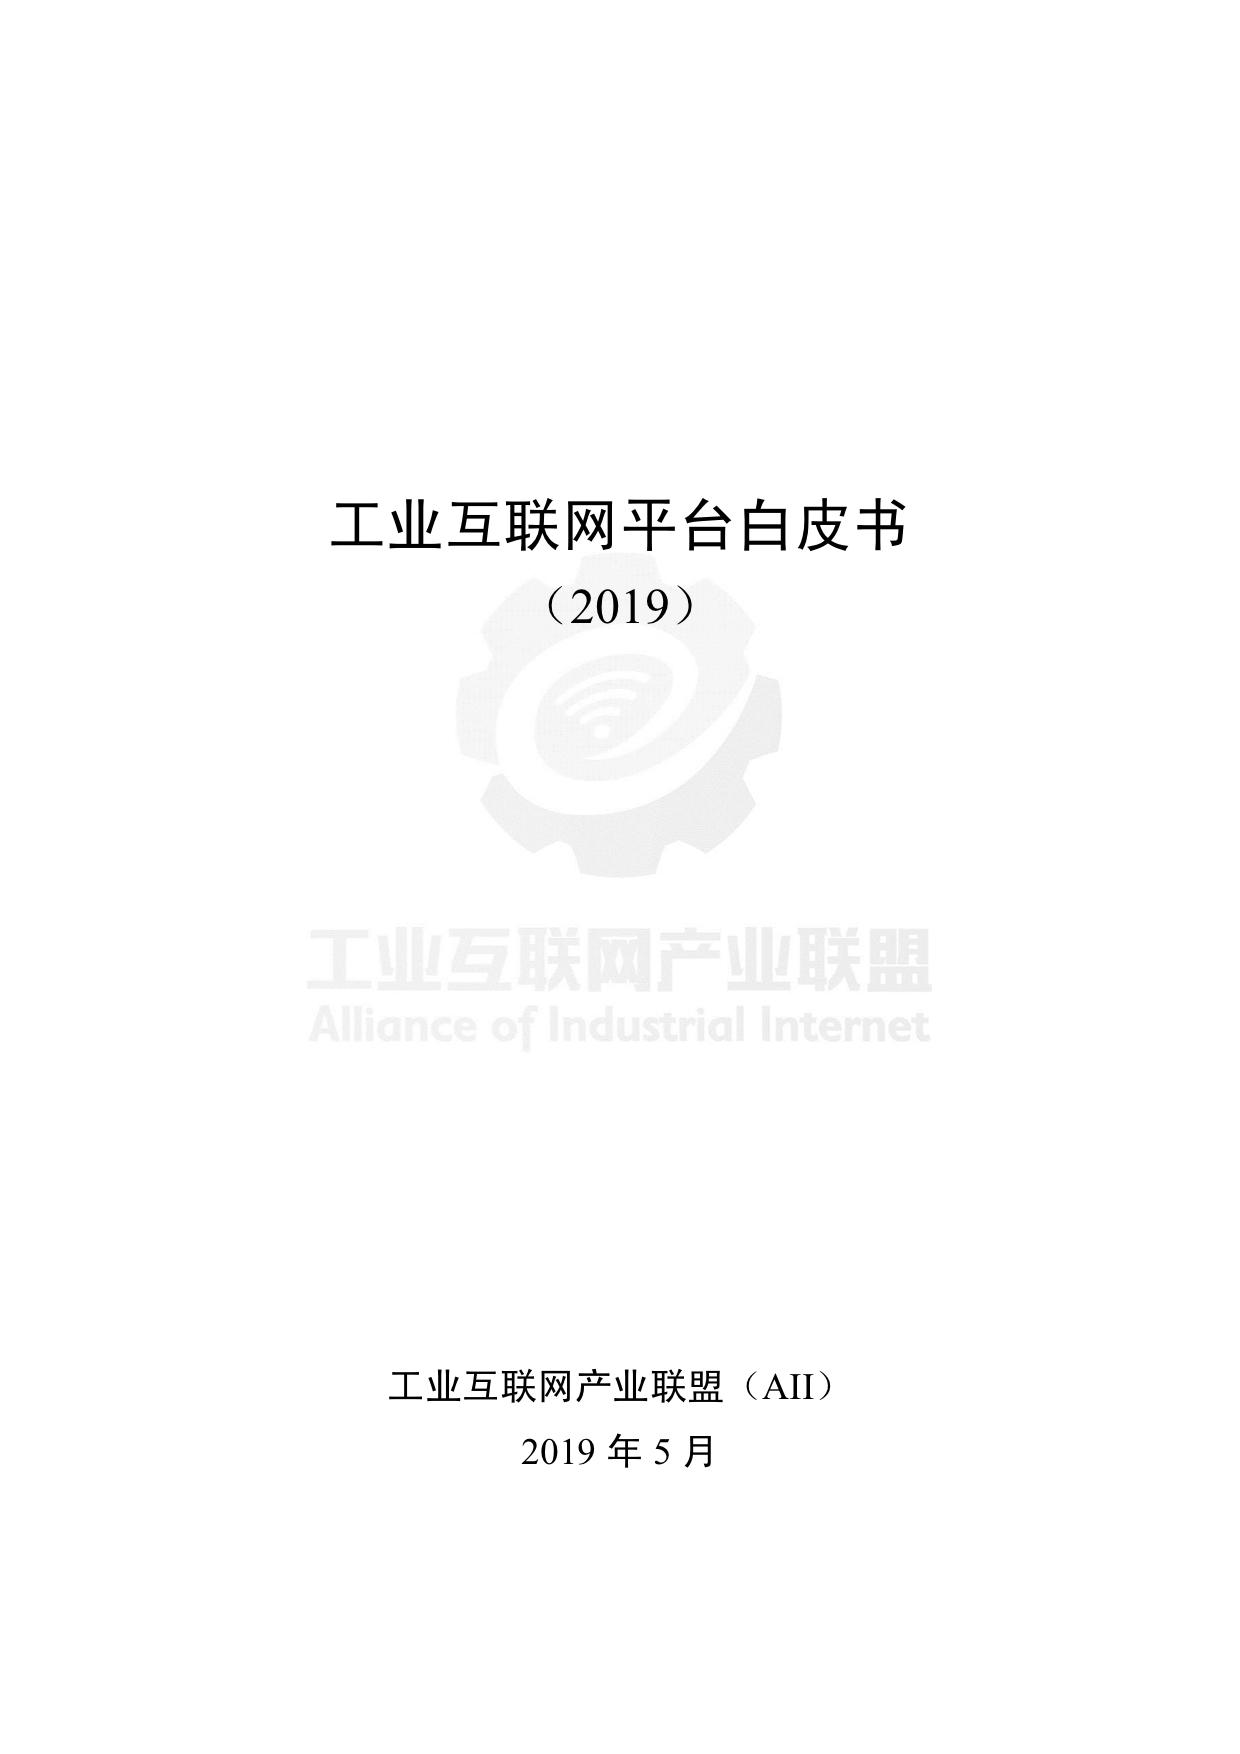 《工业互联网平台白皮书(2019)》